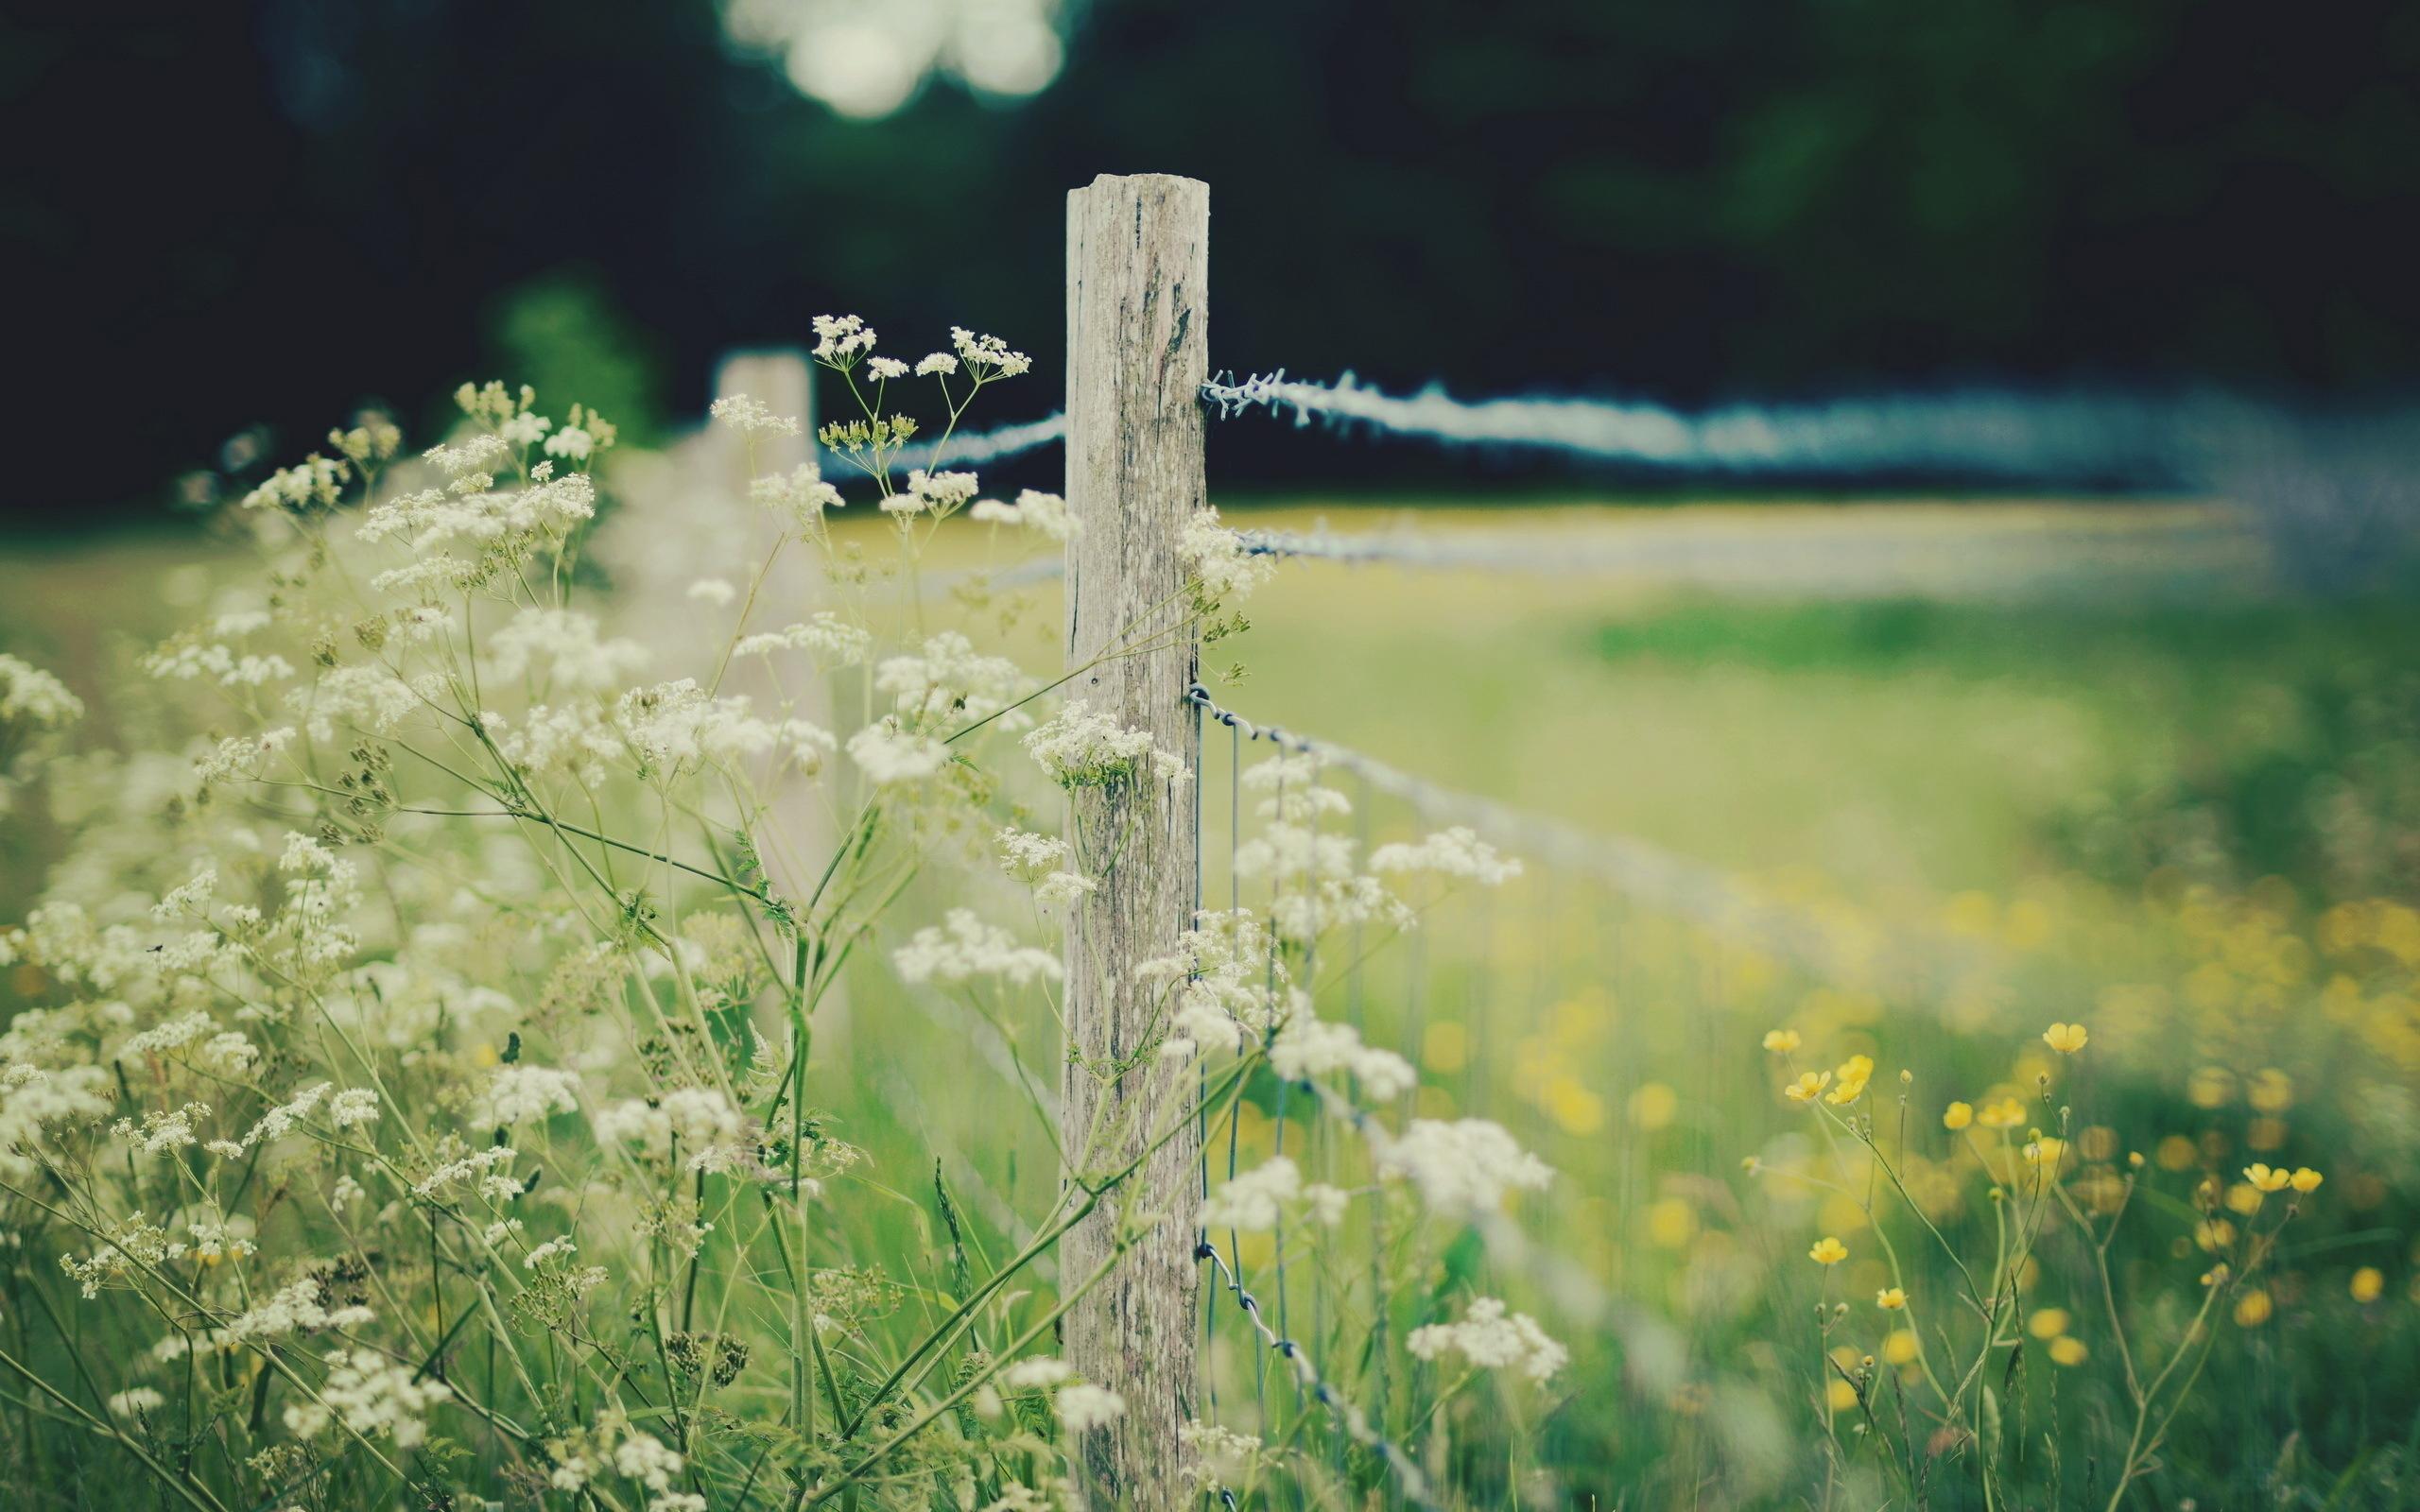 Зеленое поле, забор скачать